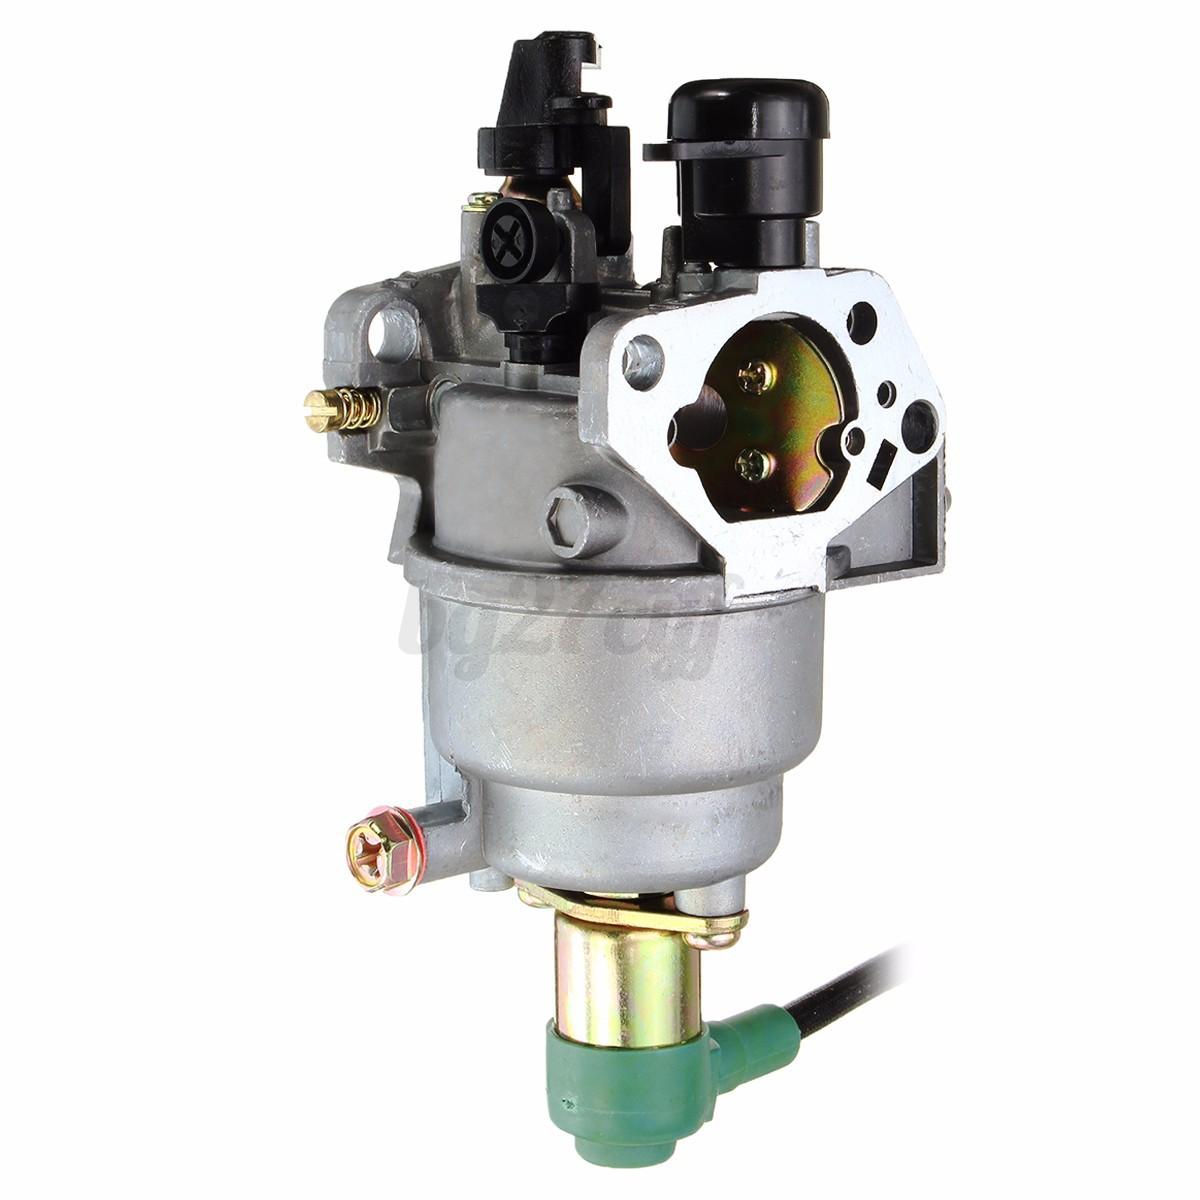 New Carburetor Replacement For Honda Gx390 13hp Gx340 11hp